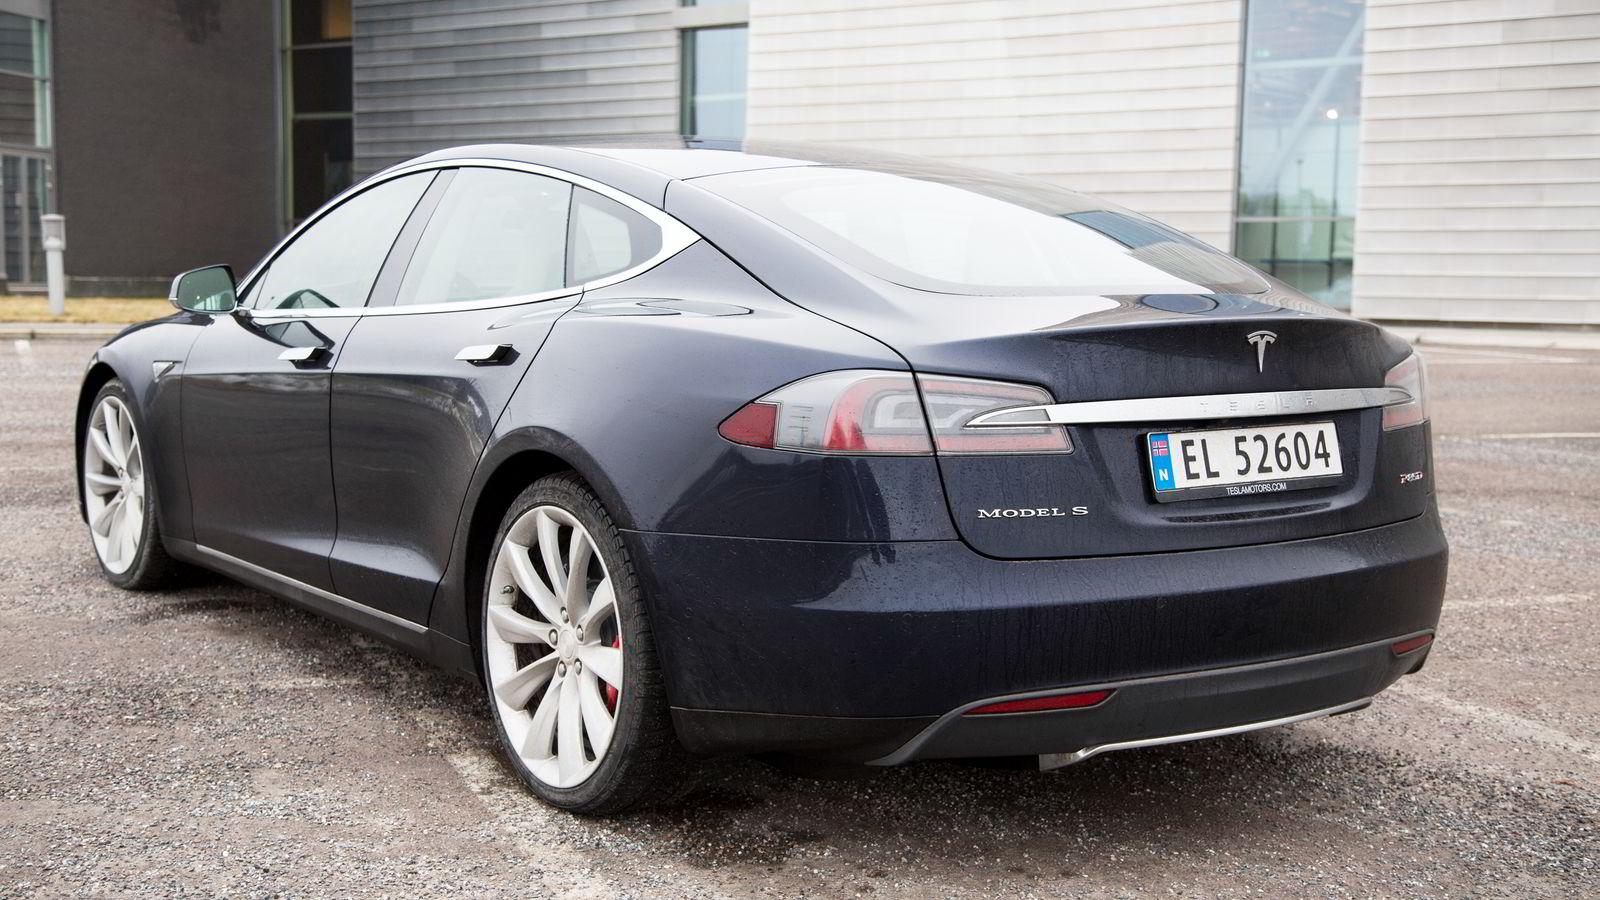 NYE REGLER. Samarbeidspartiene mener endringene sikrer en mer miljøvennlig bilpark. Illustrasjonsbilde av Tesla S. FOTO: Hege Hegle